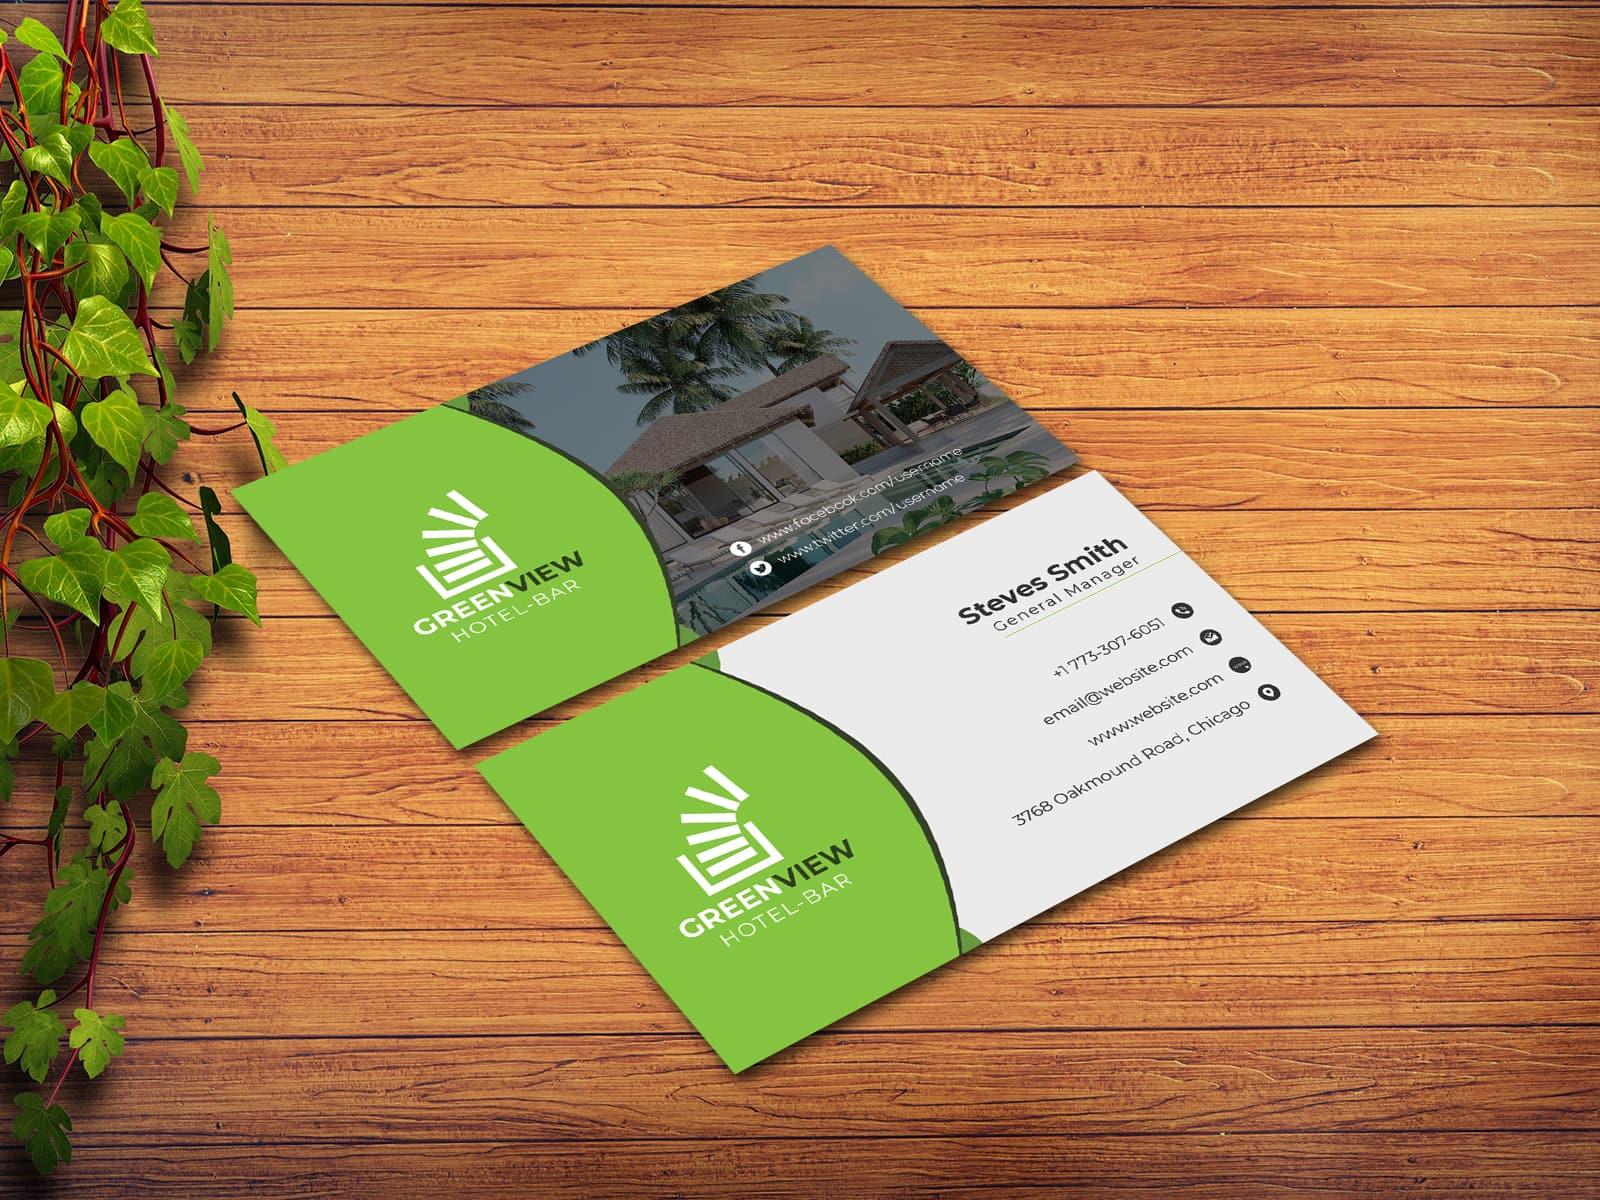 green view hotel business card design  techmix